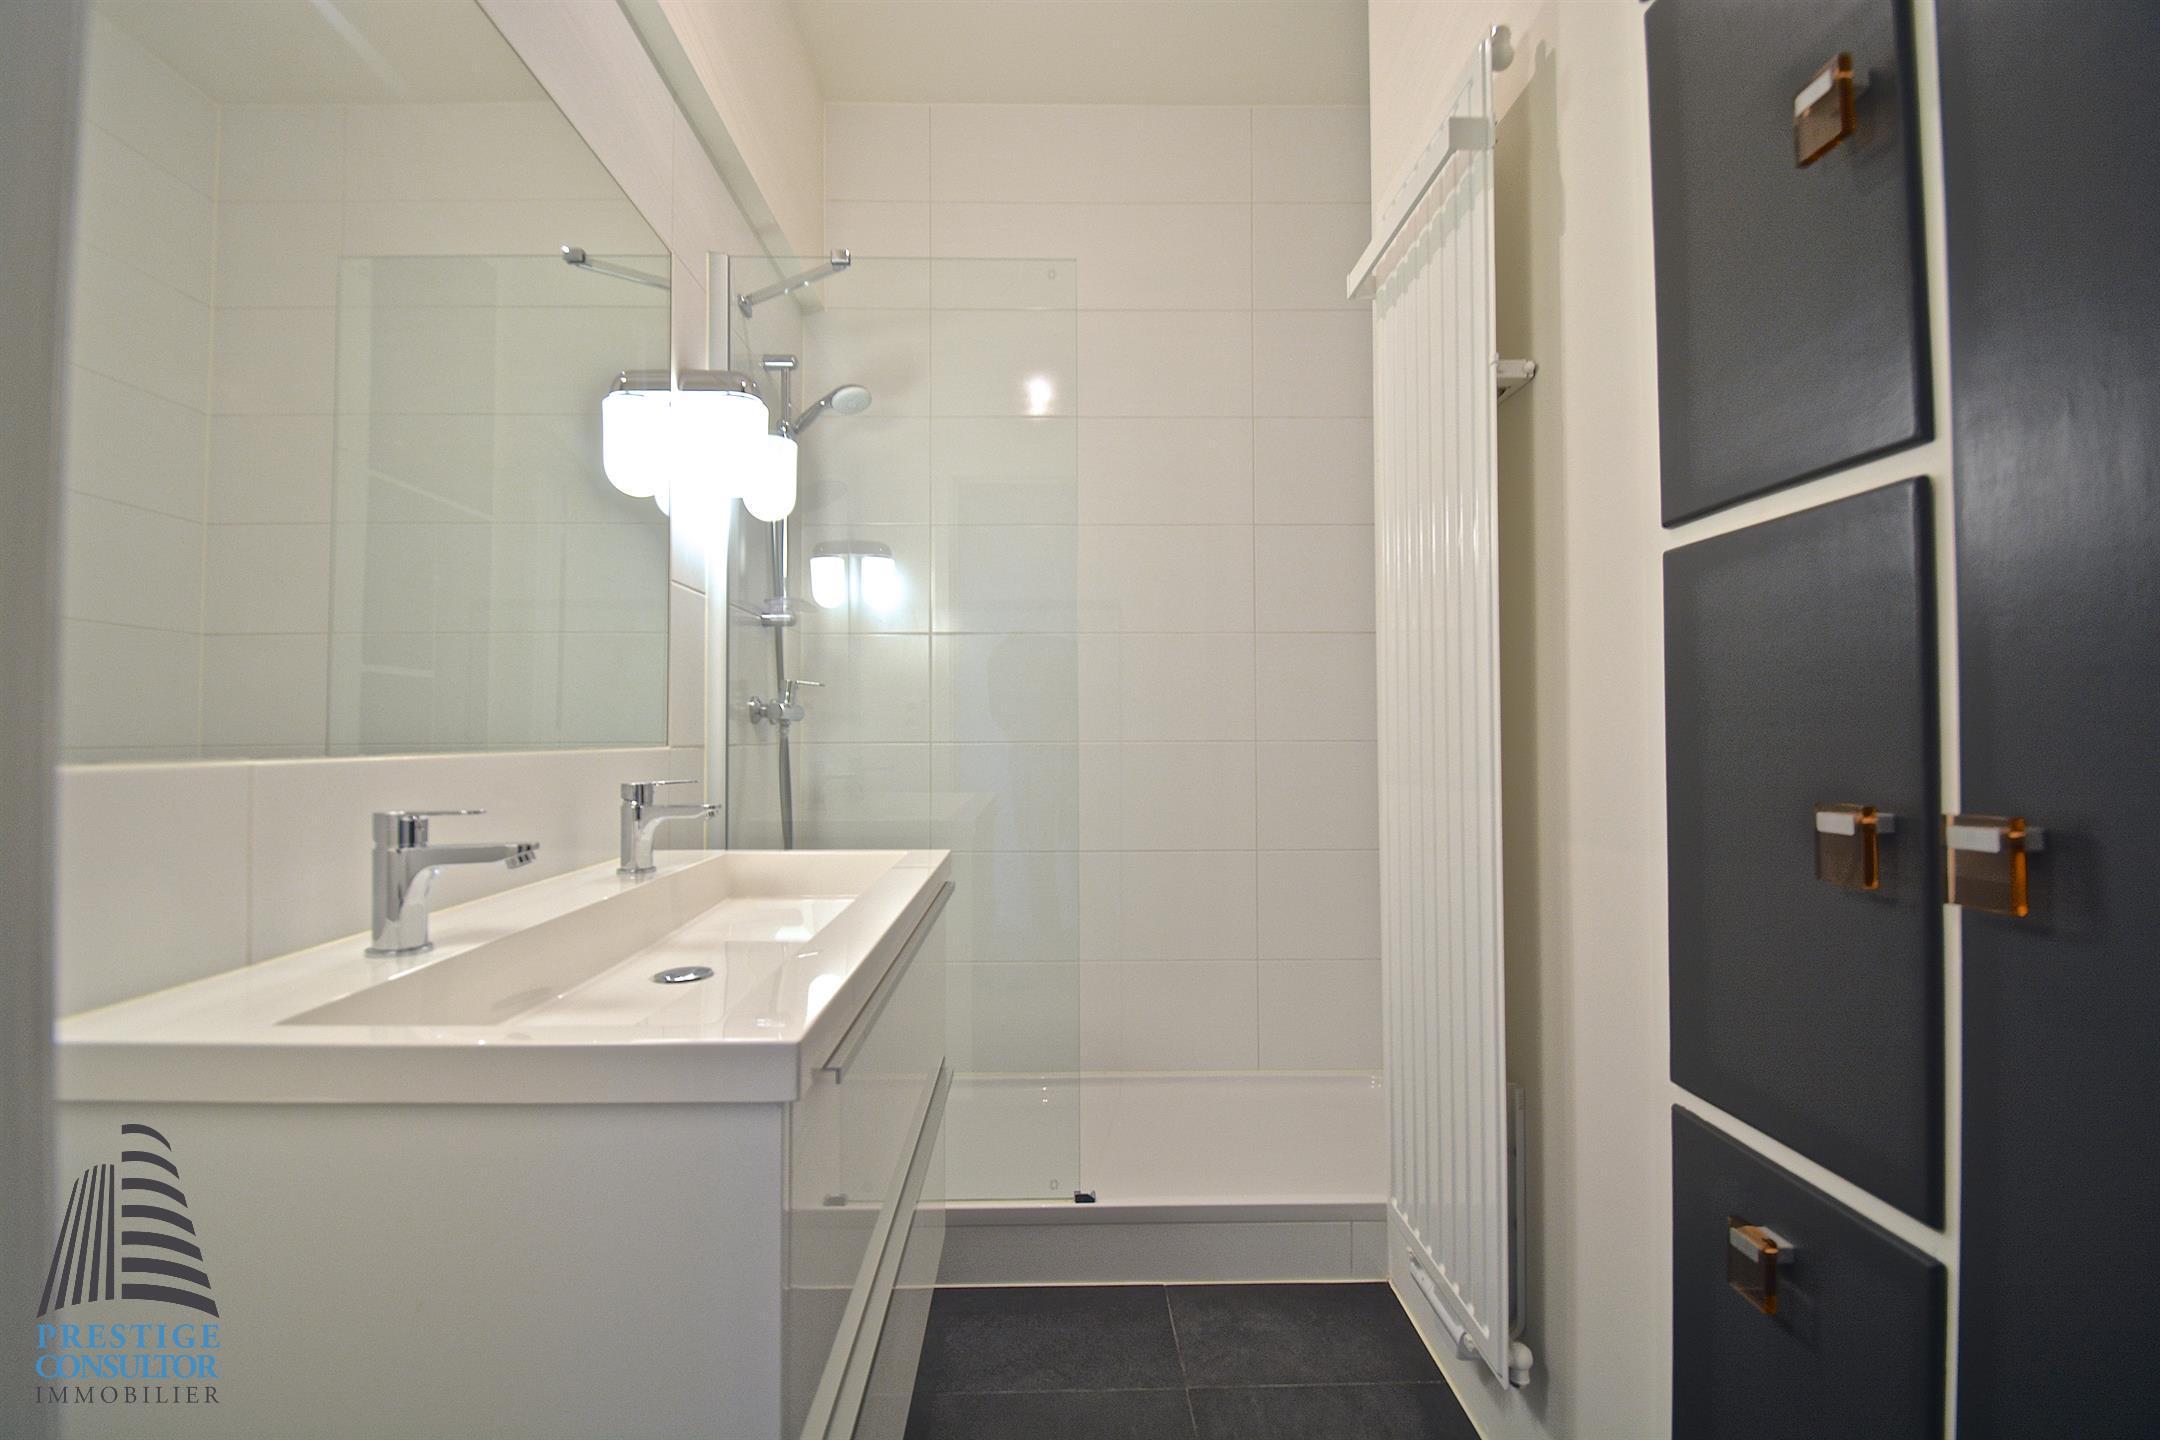 Appartement avec jardin - Anderlecht - #4516225-5